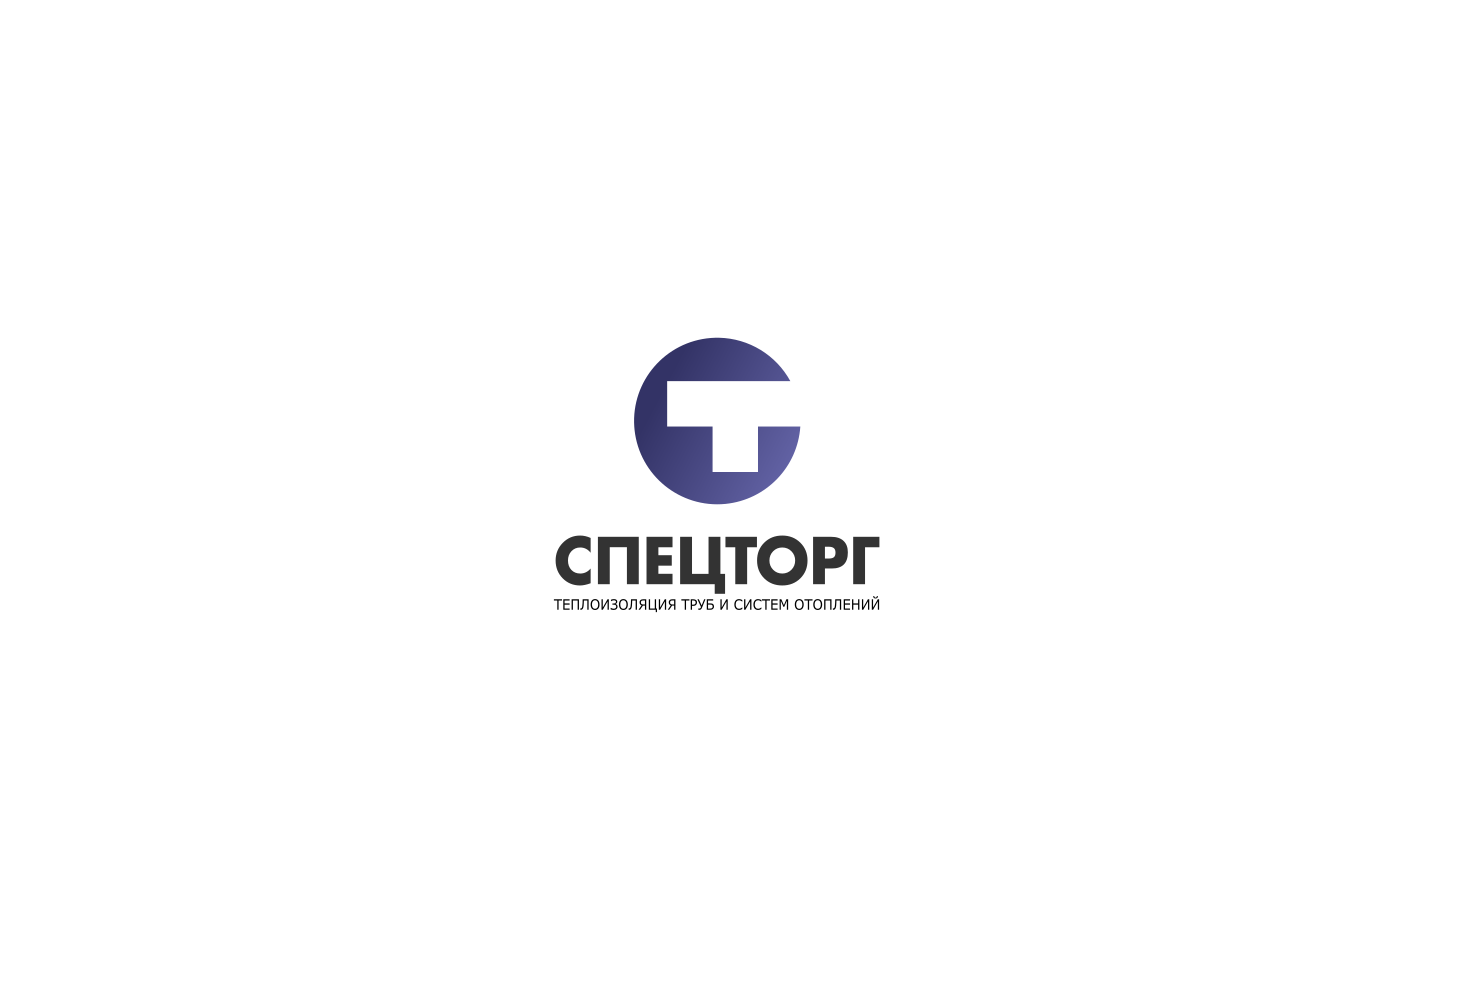 Разработать дизайн  логотипа компании фото f_8805dc41cb1a1865.png